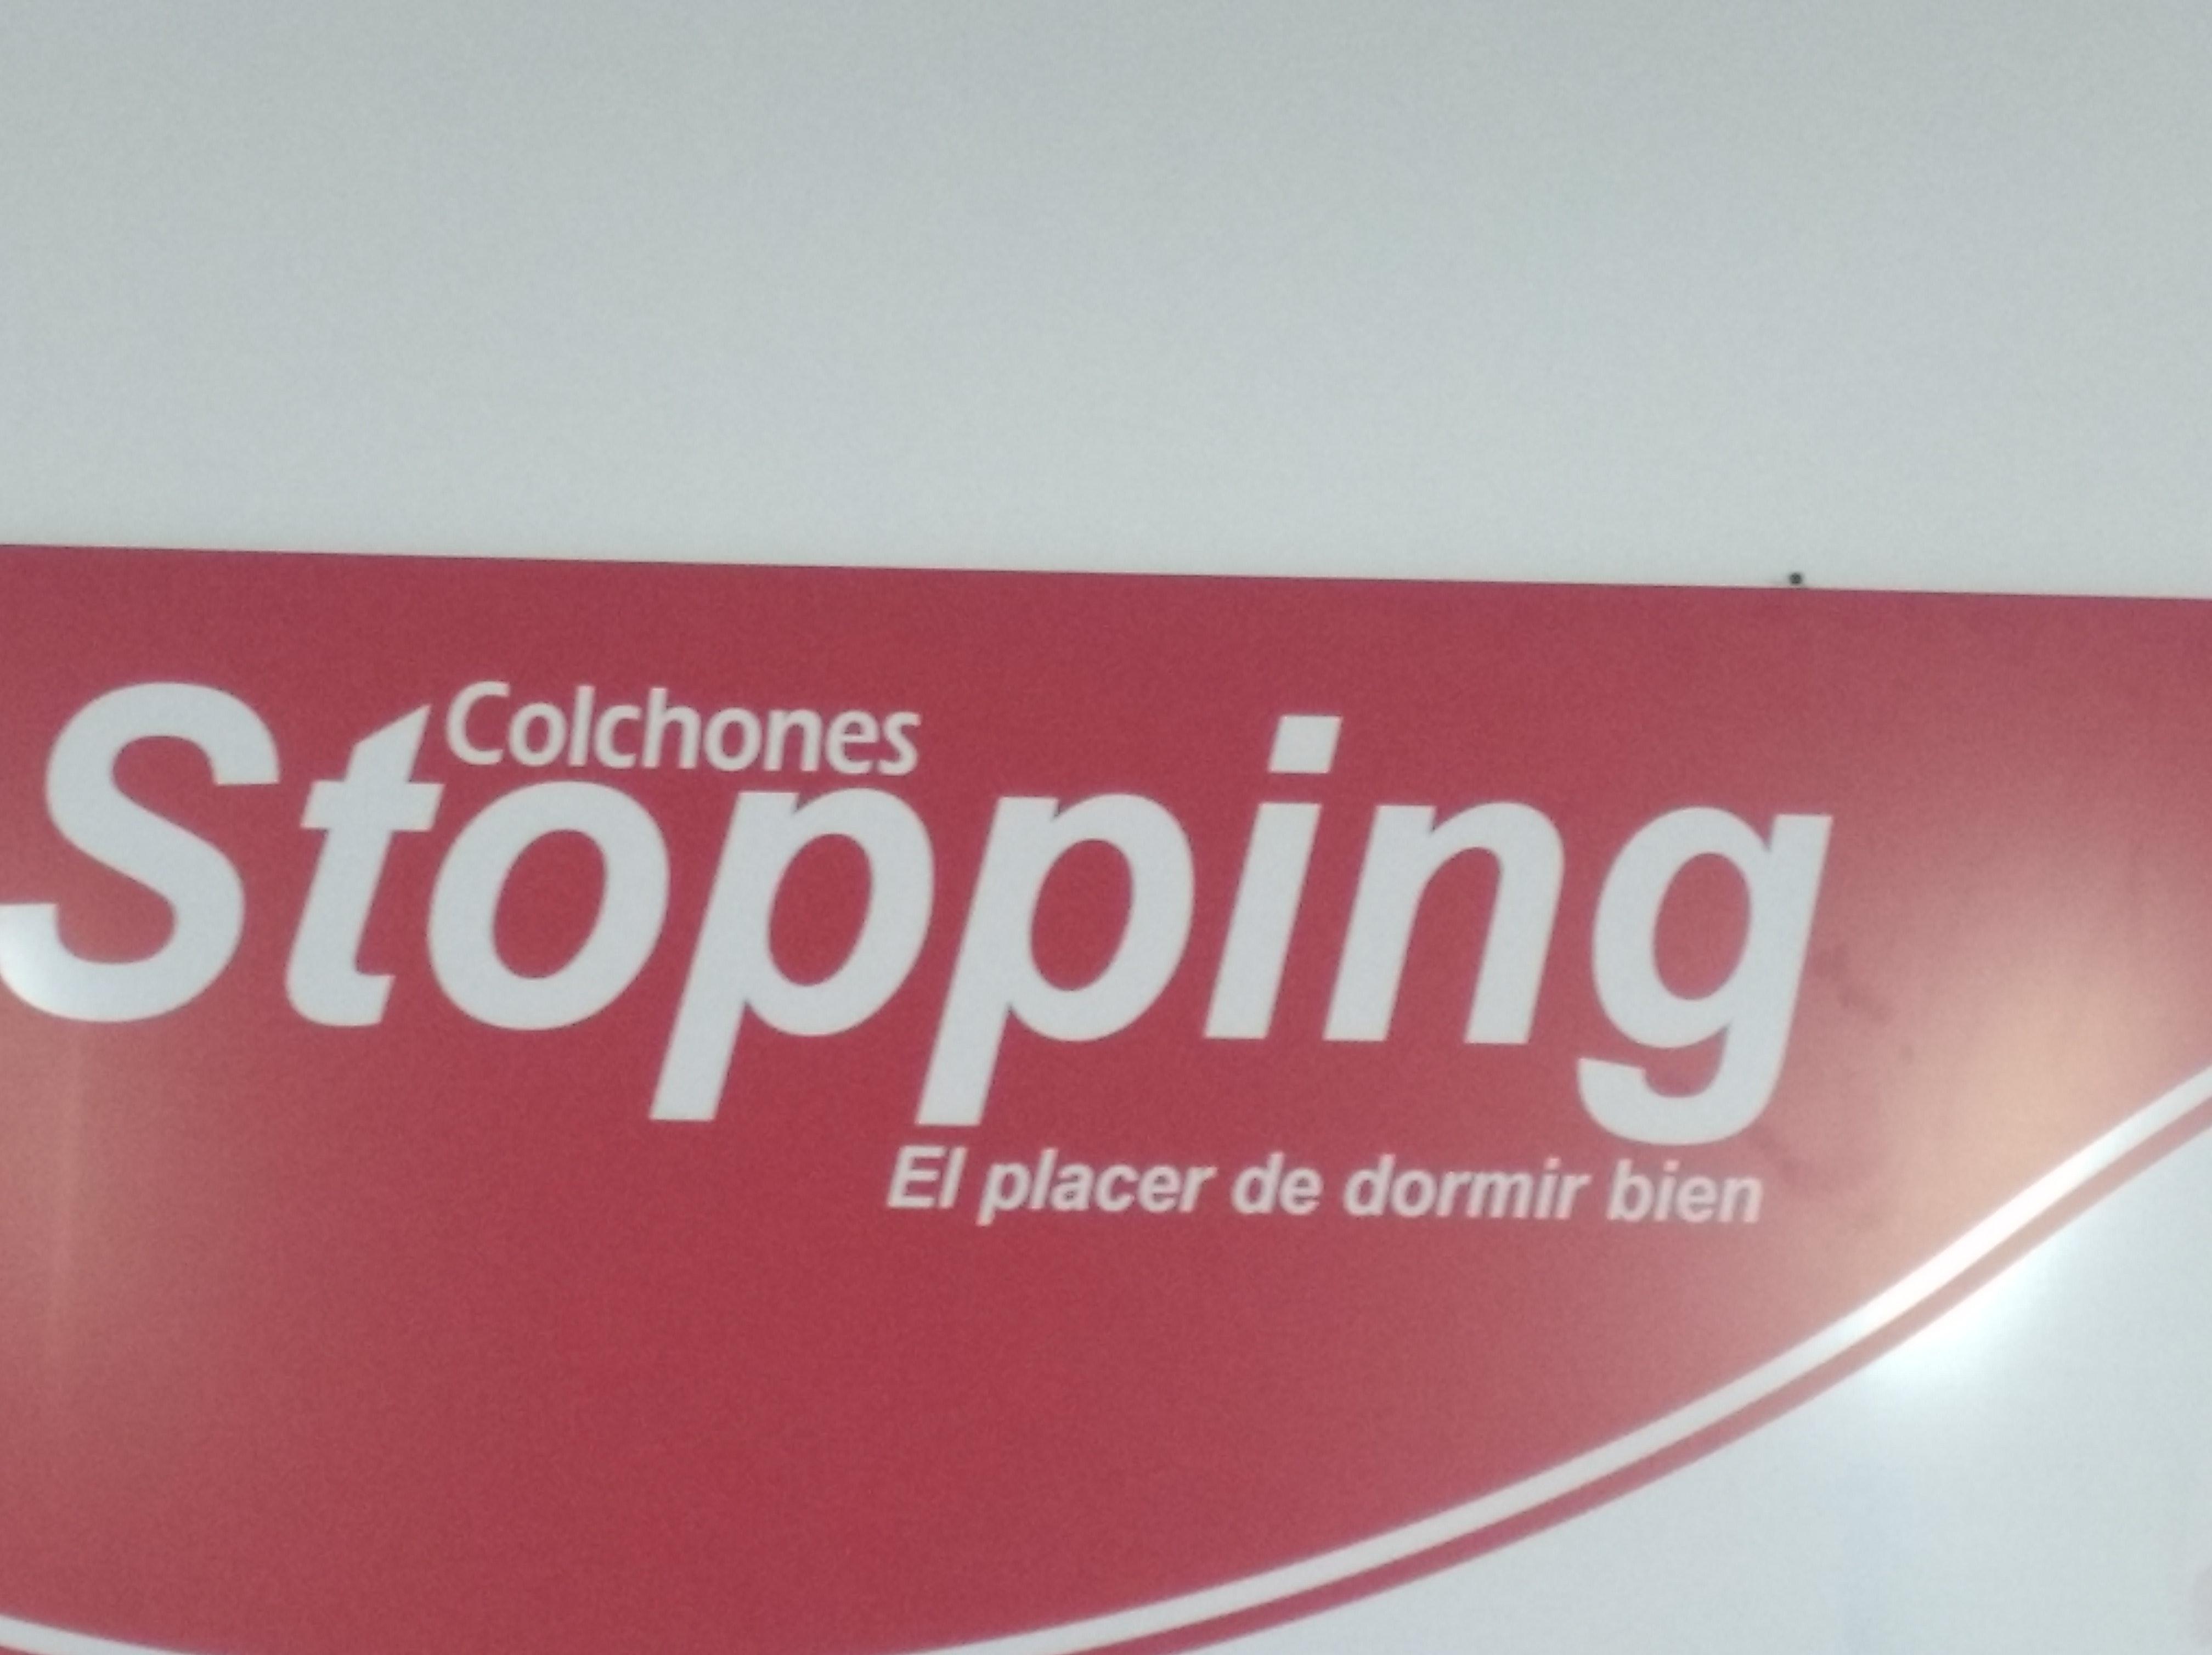 Logotipo de Colchones Stopping